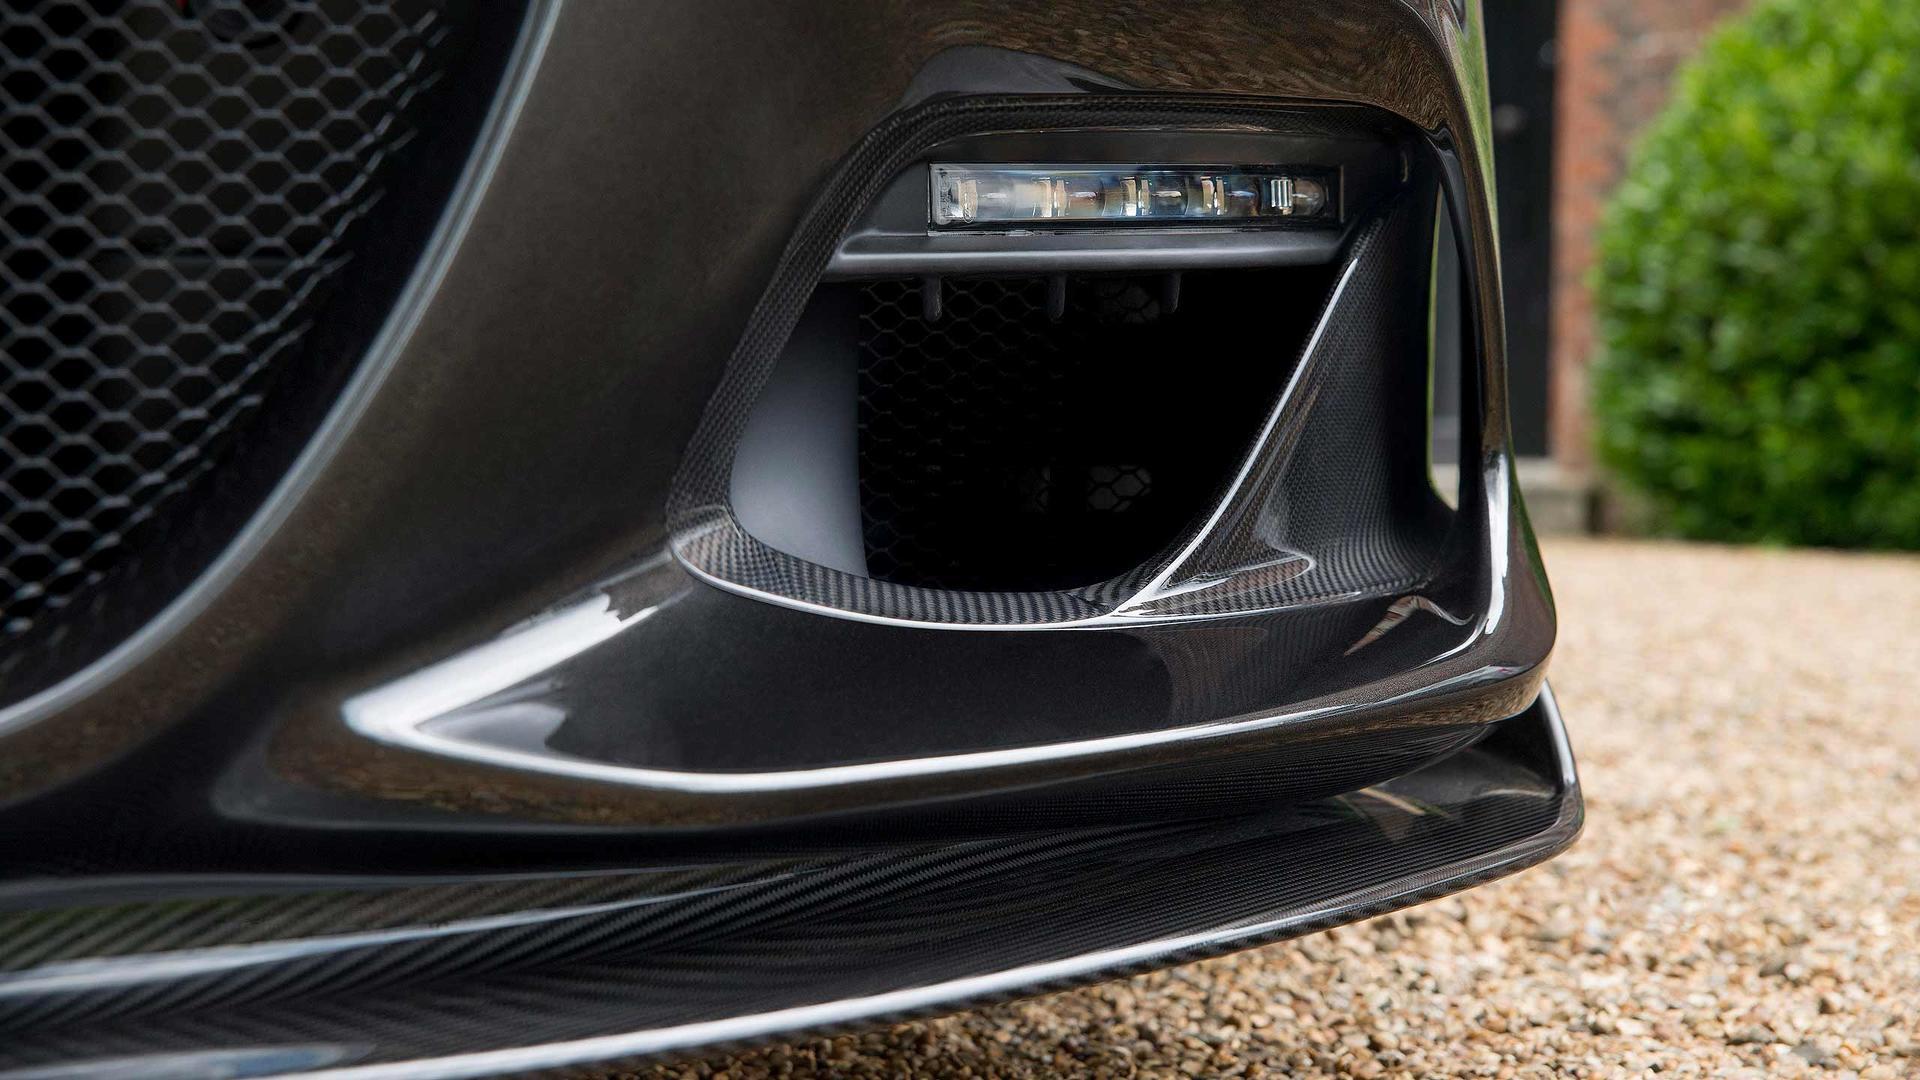 nouvelle-lotus-evora-gt430-a-l-assaut-des-supercars-382-2.jpg